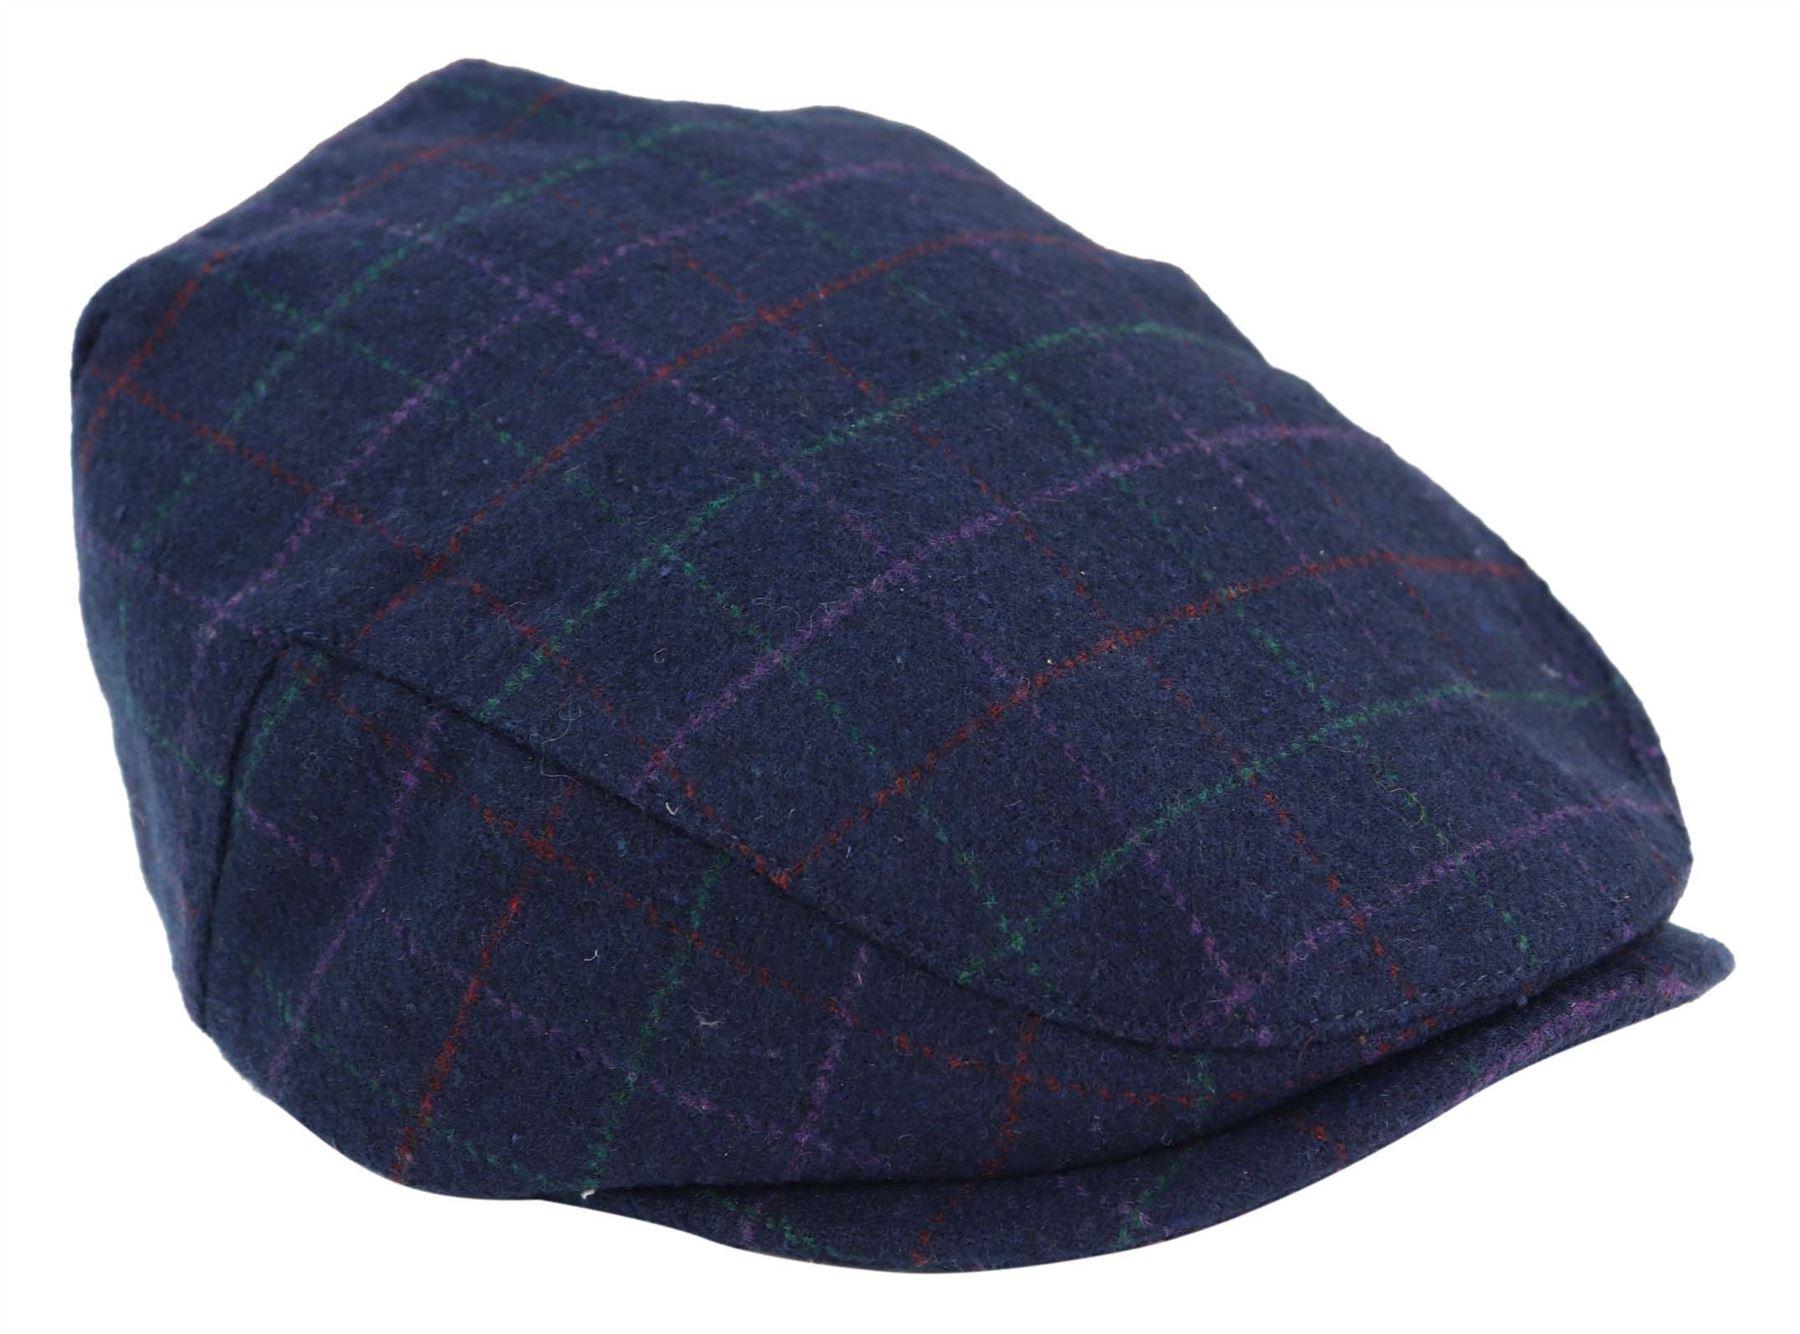 Kids Childrens Grandad Hat Flat Cap Wool Vintage Peaky Blinders Elasticated